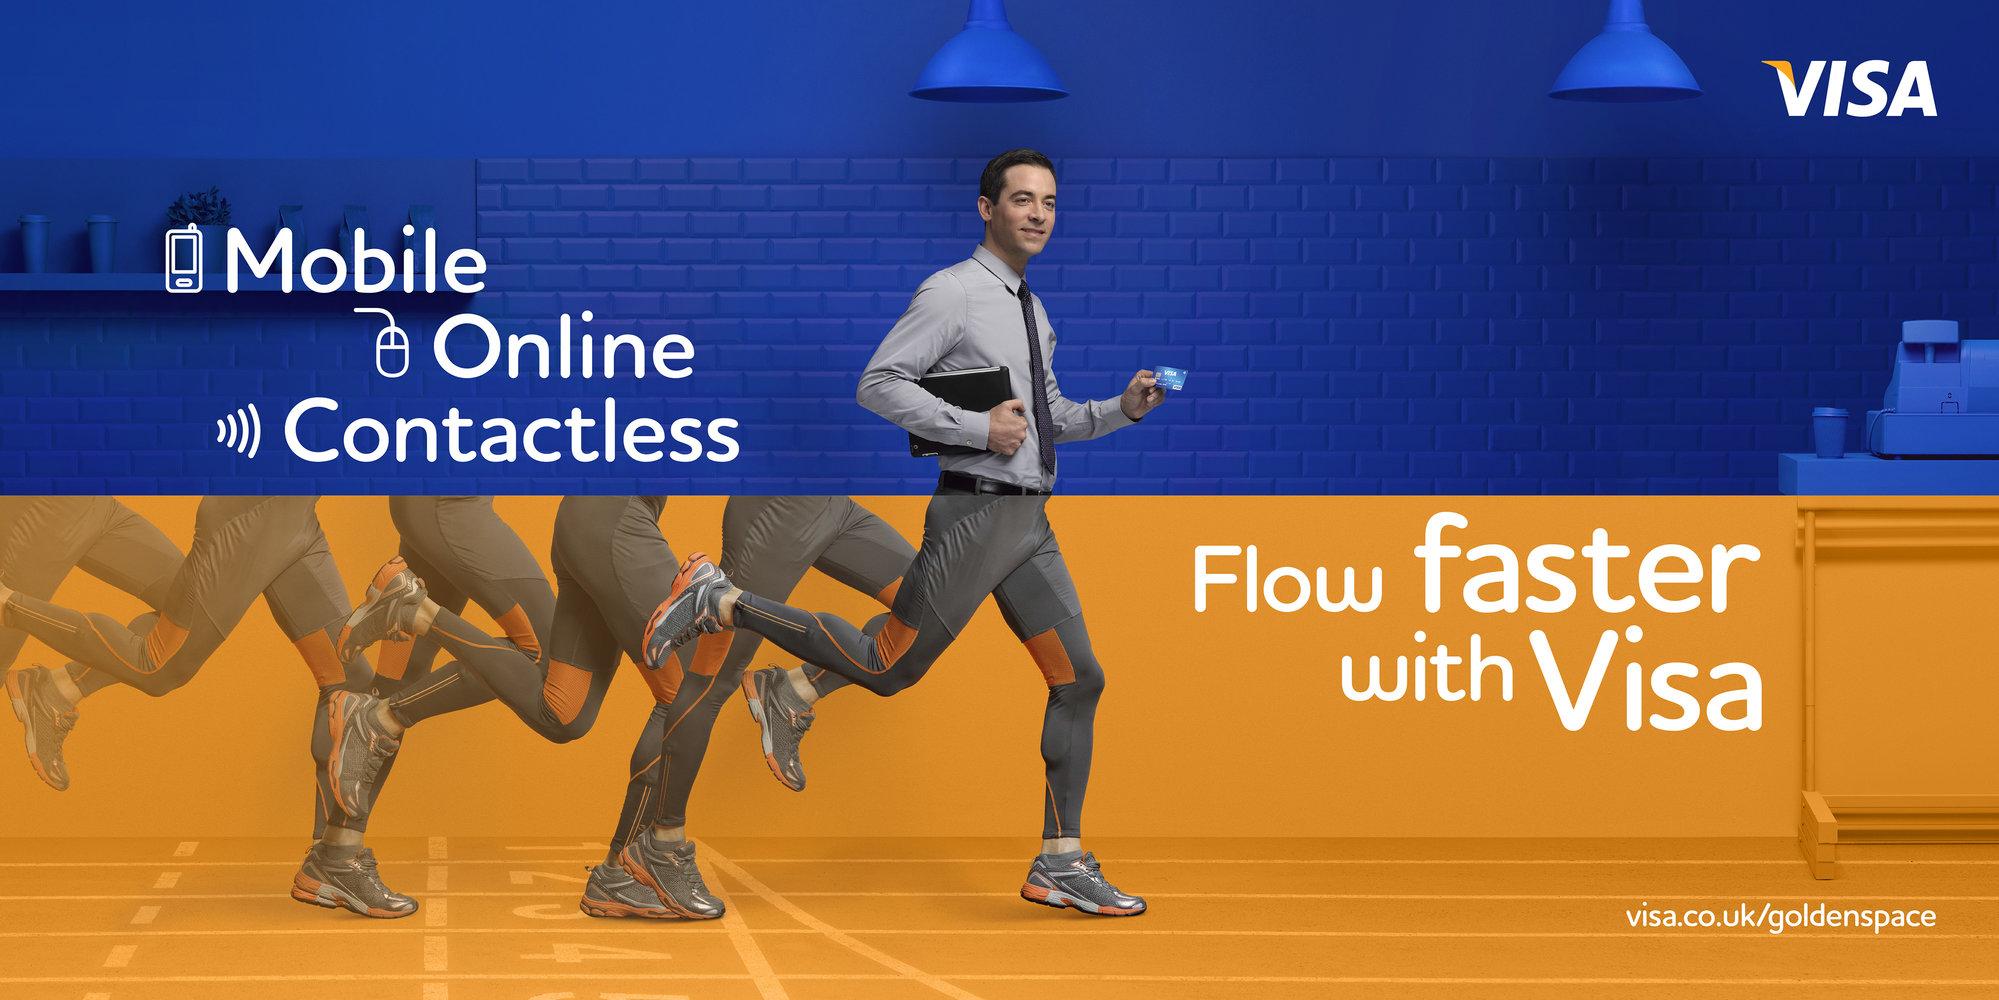 Visa 'Flow' Campaign